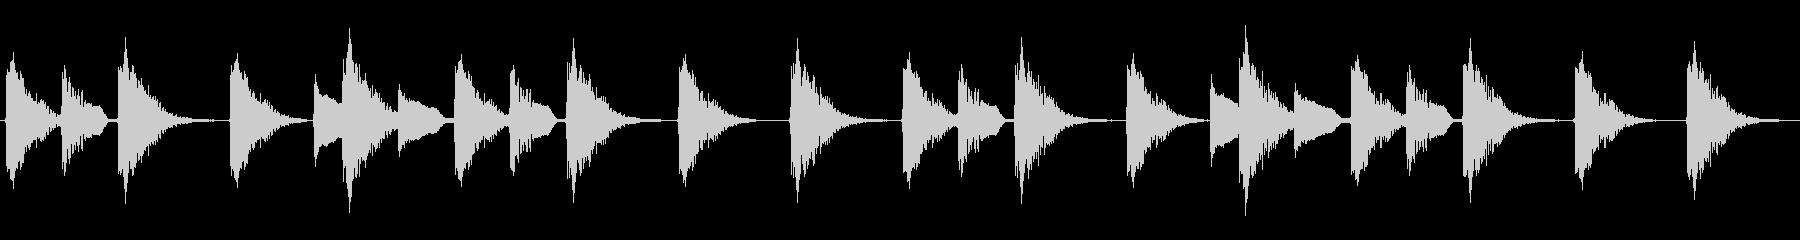 【ドラムロール(ハウス/トランス)】の未再生の波形